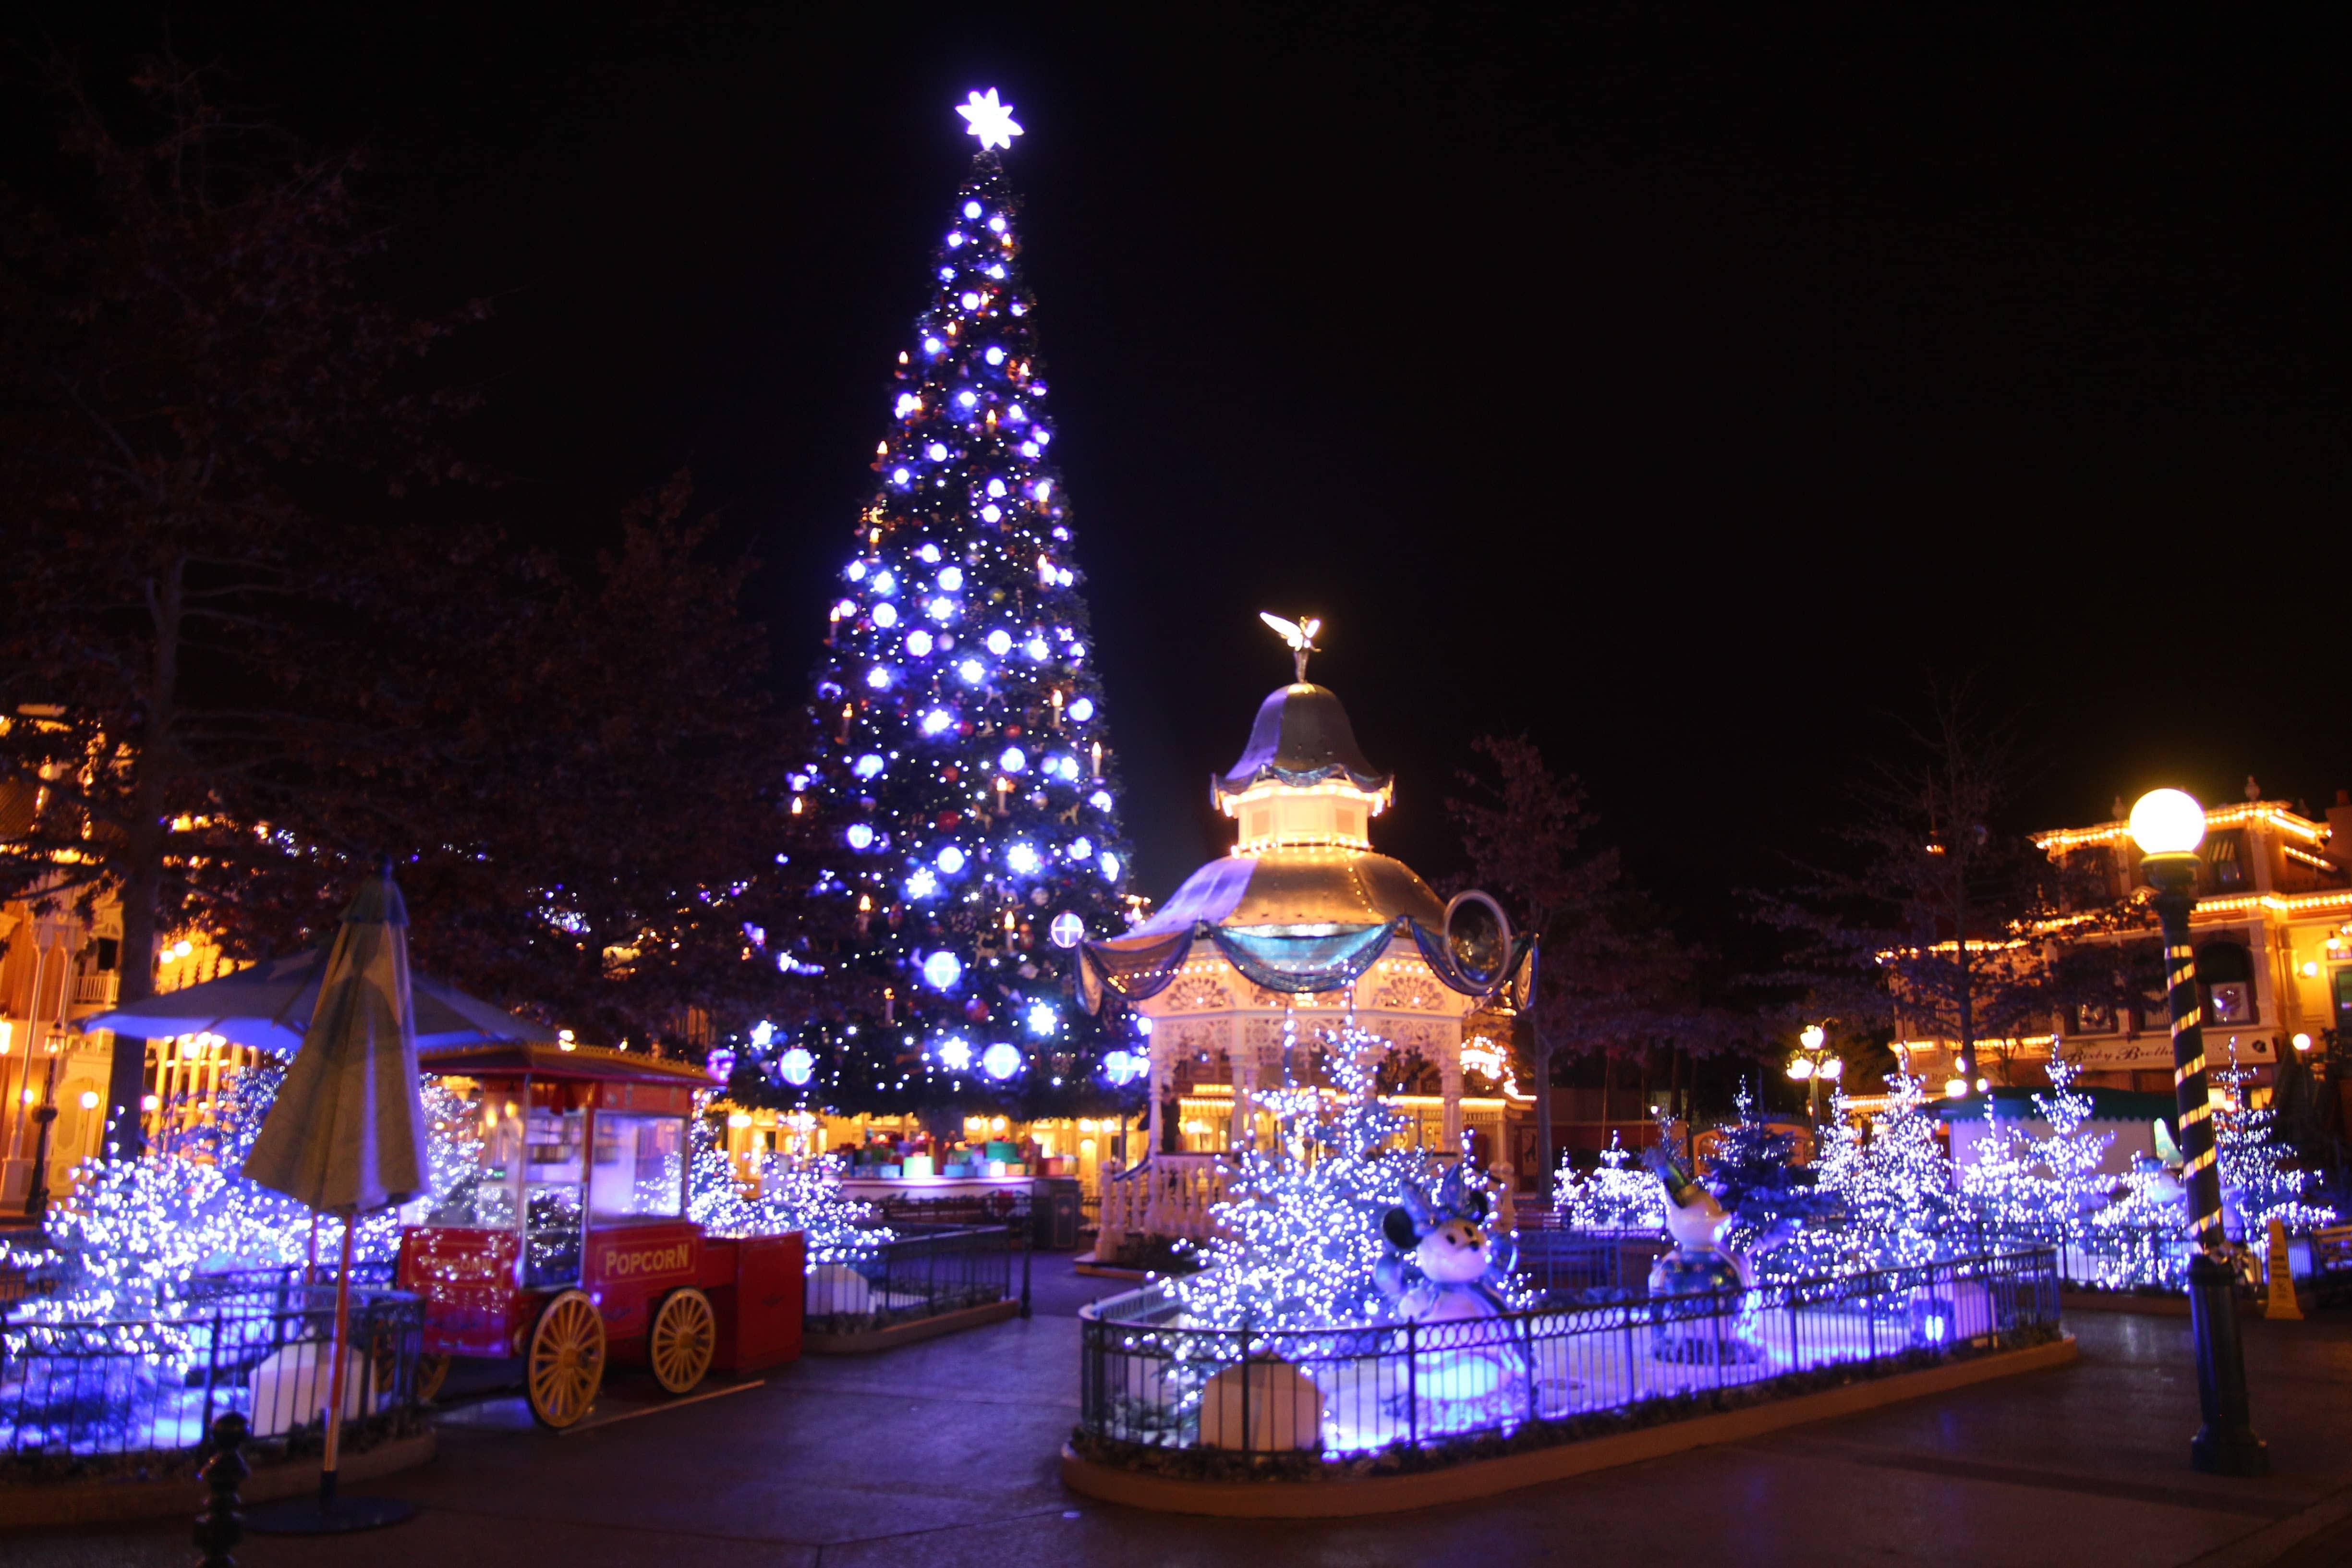 Disneyland Paris - Christmas 2017 - Townsquare by night